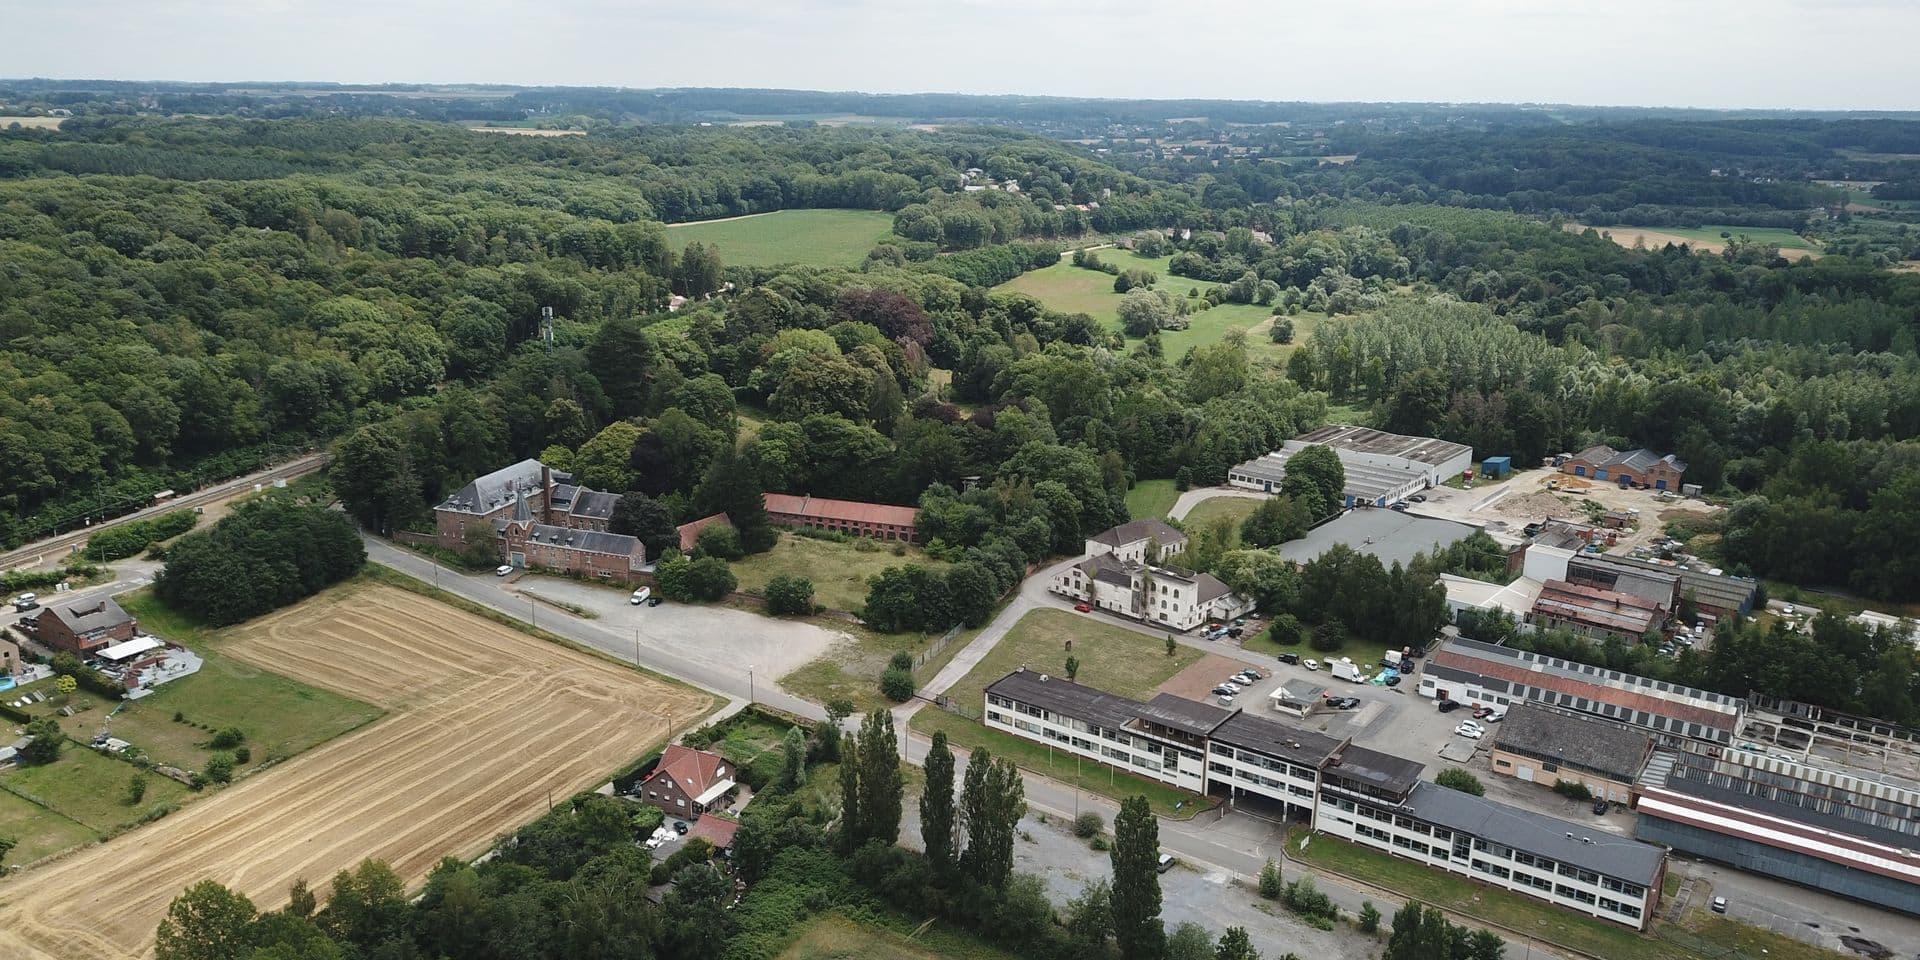 Le Brabant wallon intégré à un parc national ? Ça dépendra... de la Flandre